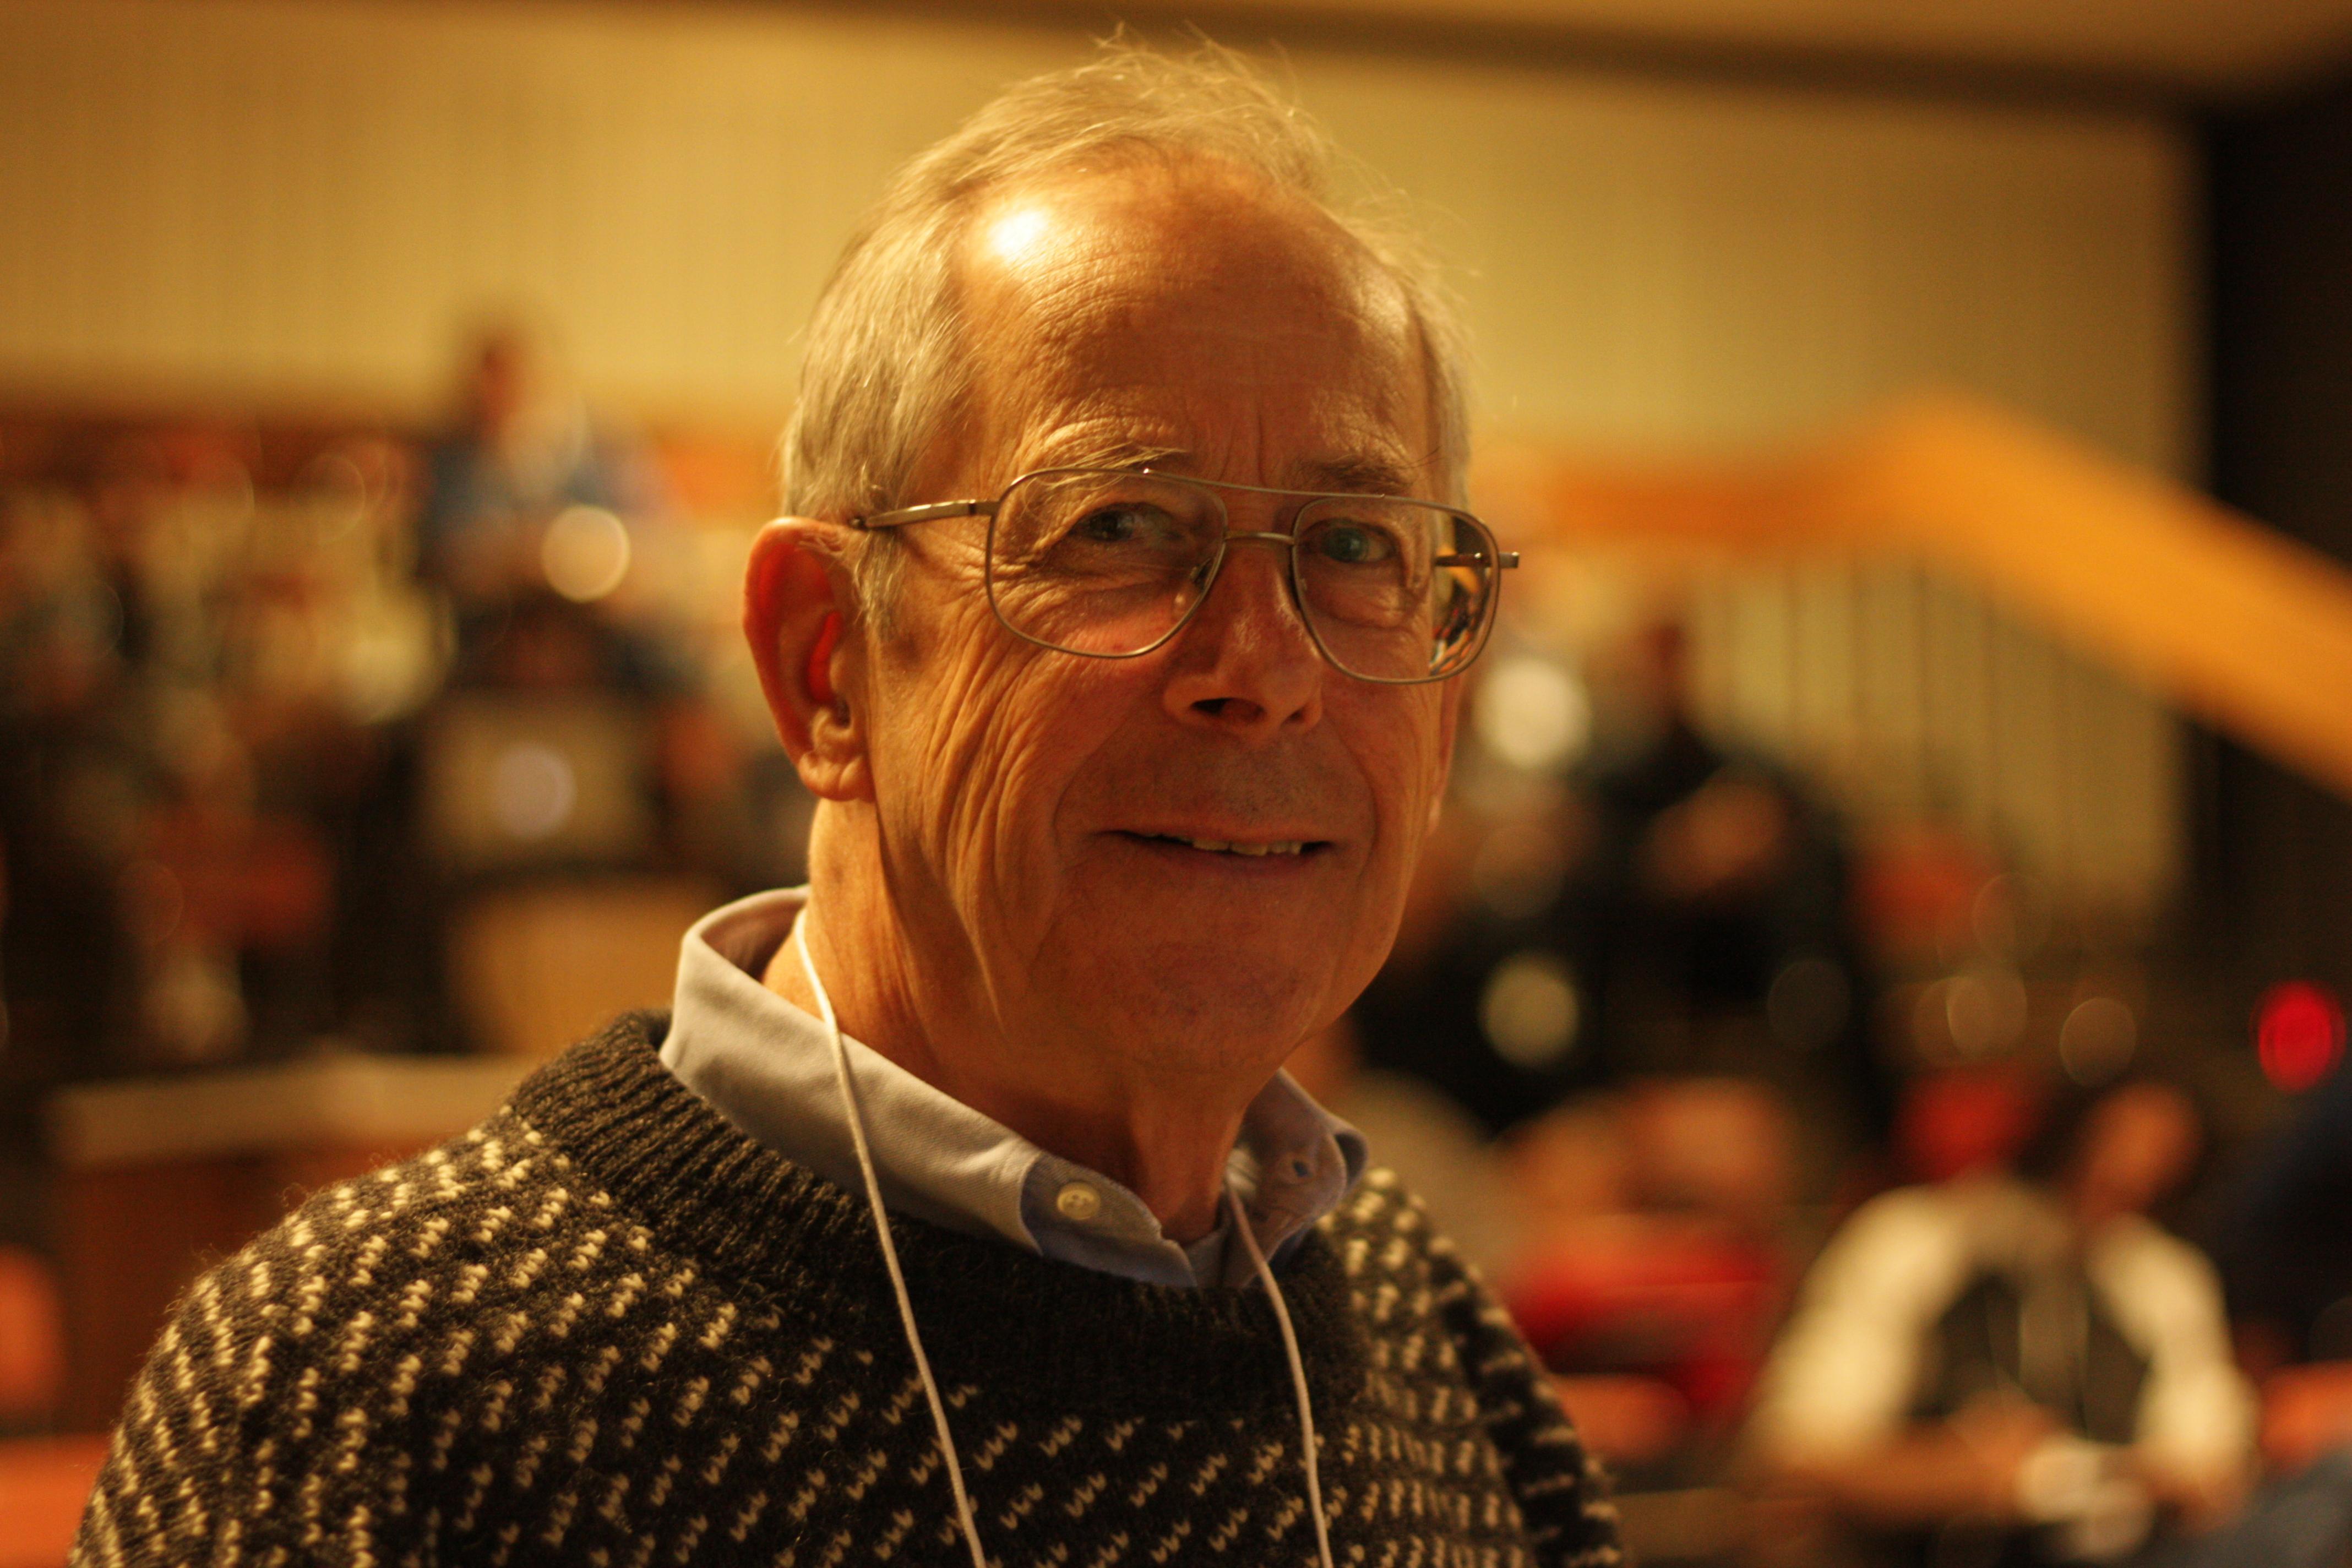 물리우주론 이론적 발견 공로를 인정받아 2019년 노벨물리학상을 수상한제임스 피블즈 미국 프린스턴대 명예교수. 위키미디어(Juan Diego Soler) 제공